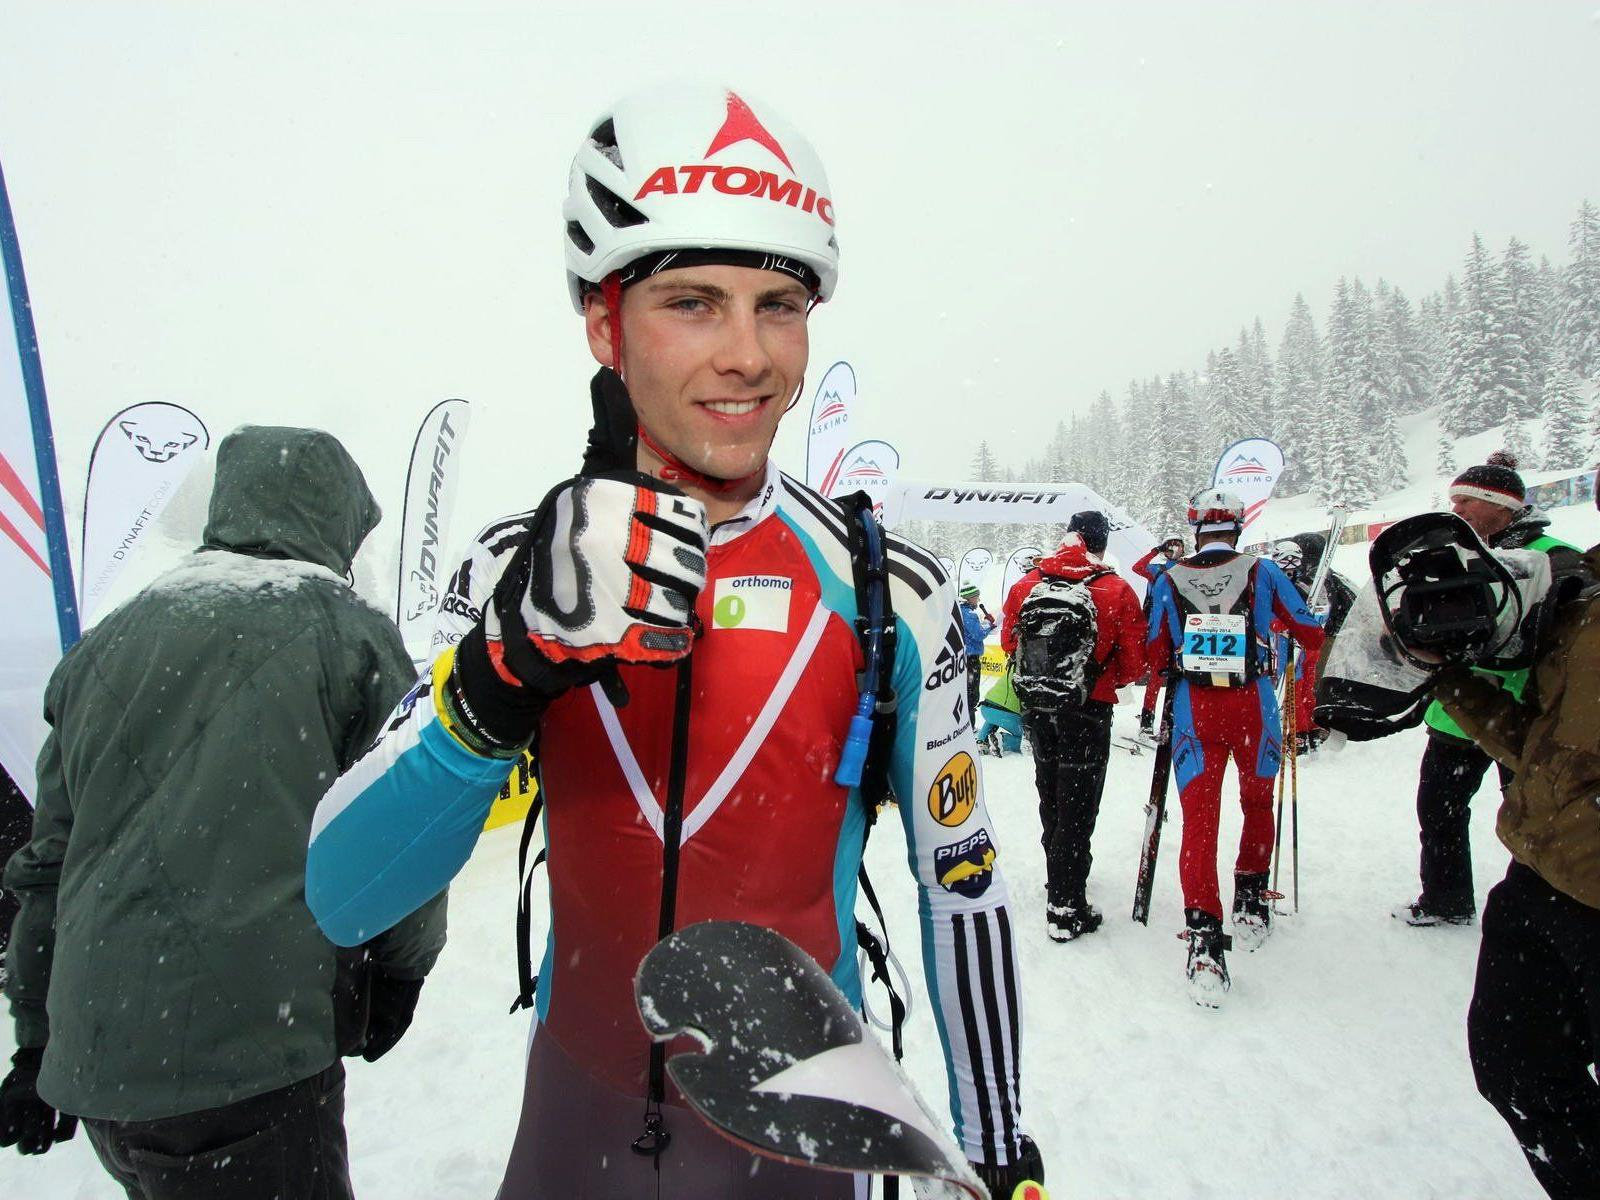 Der St. Gallenkircher Daniel Zugg wurde bei seinem EM Debüt in Andorra sensationell Fünfter.